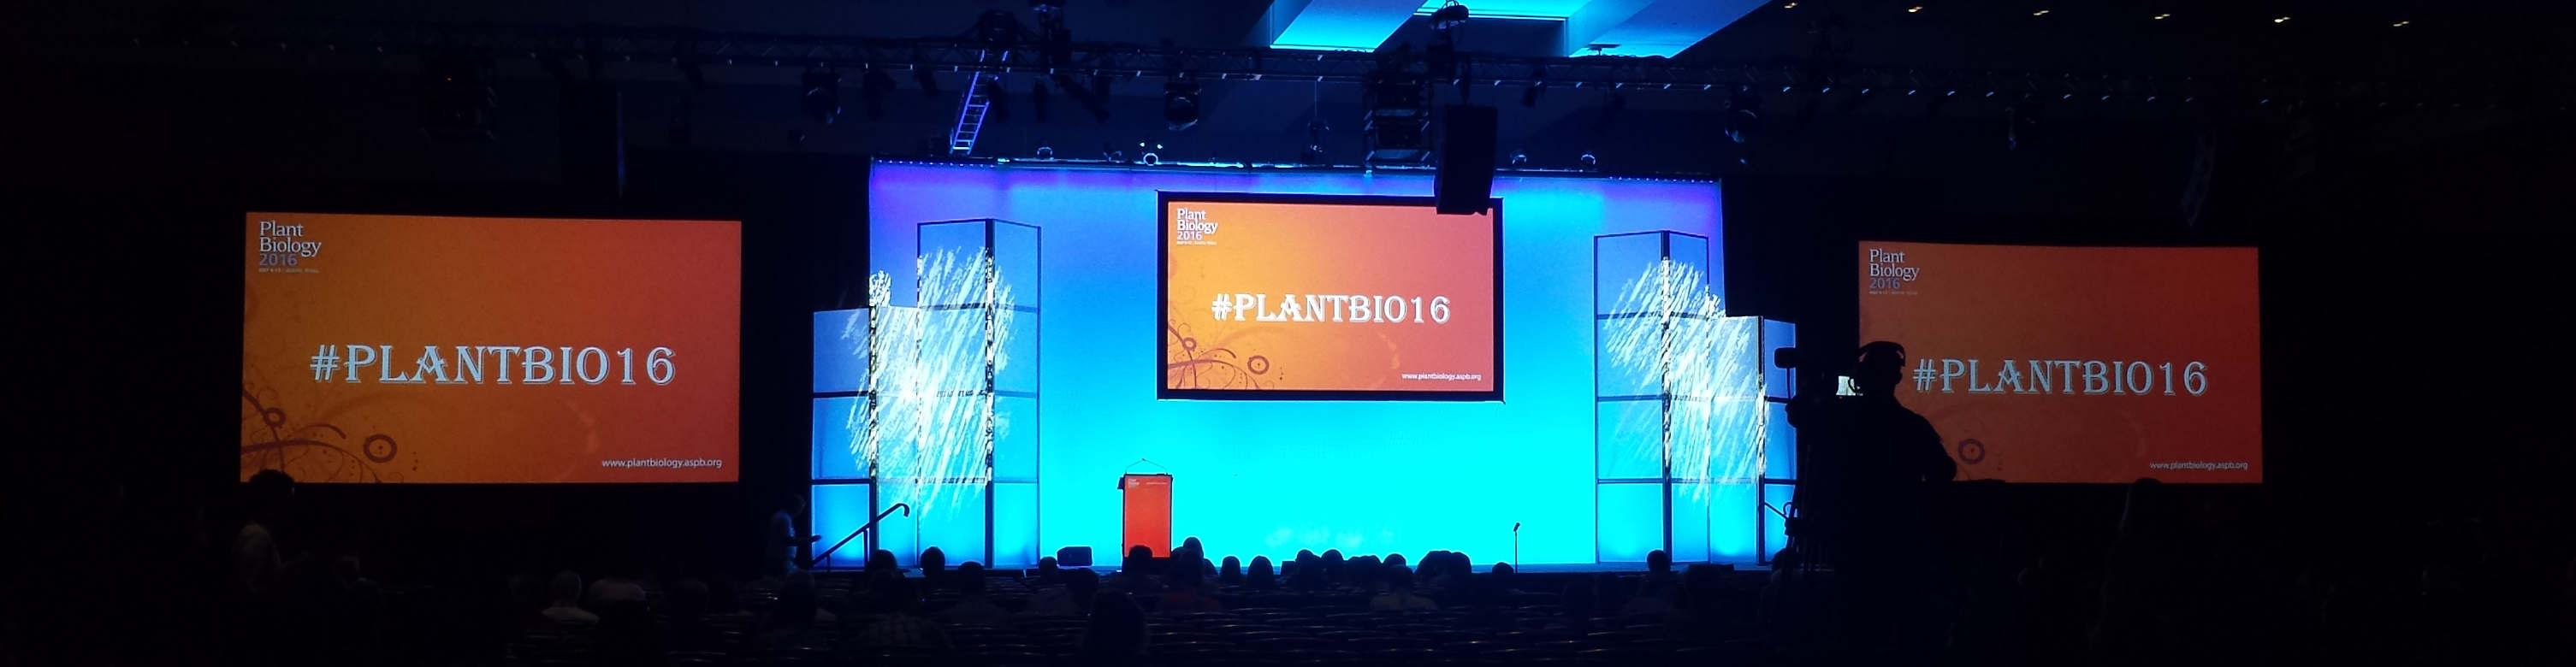 Plantbio 2016